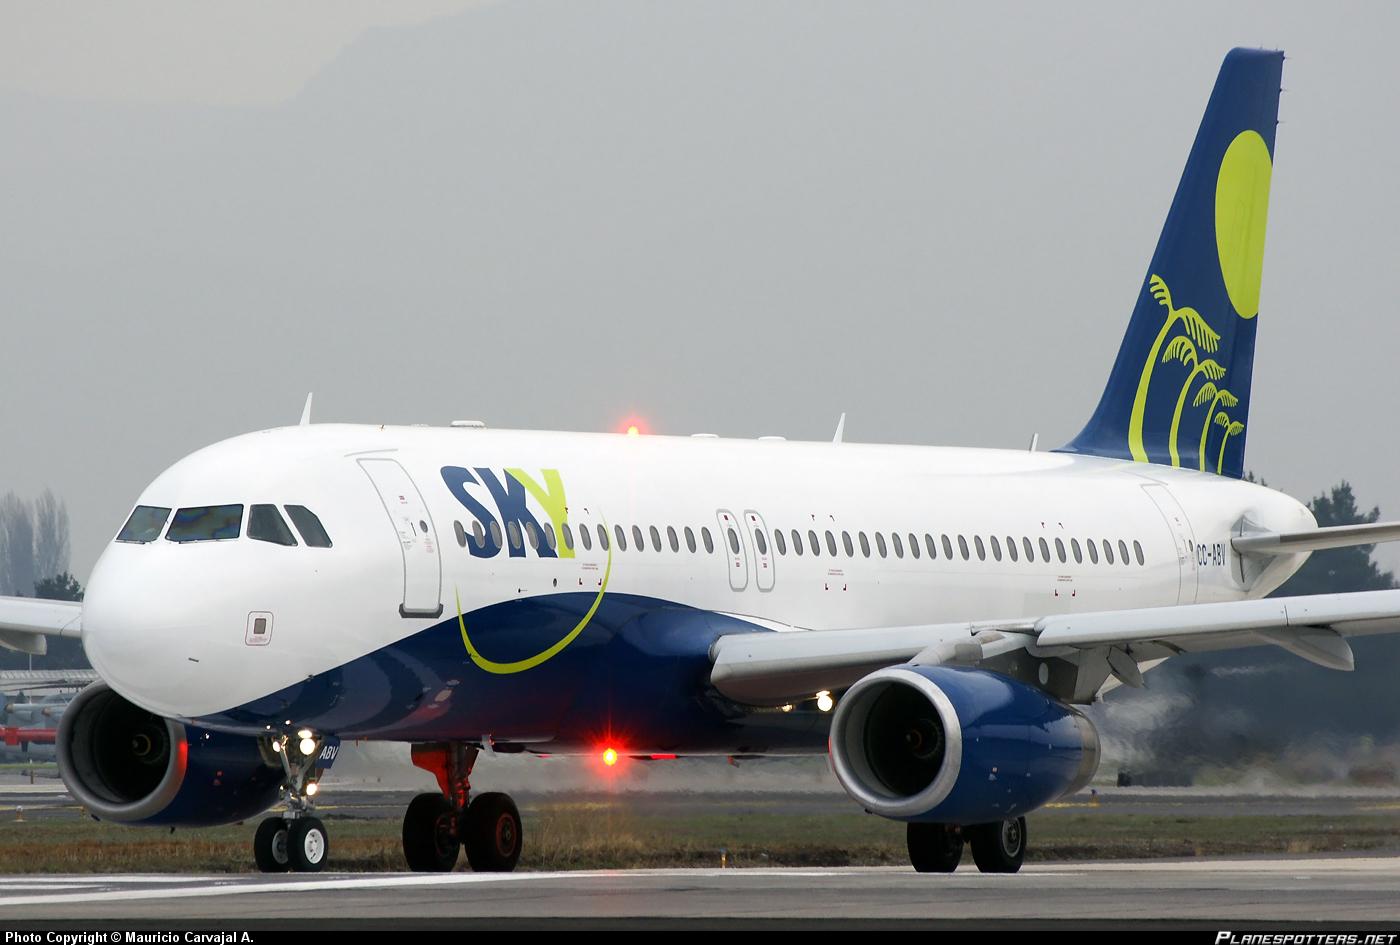 Diputado Rocafull Denuncia Pérdida de la Conectividad y Daño para el Turismo Tras  Suspensión de Vuelos de SKY Airlines